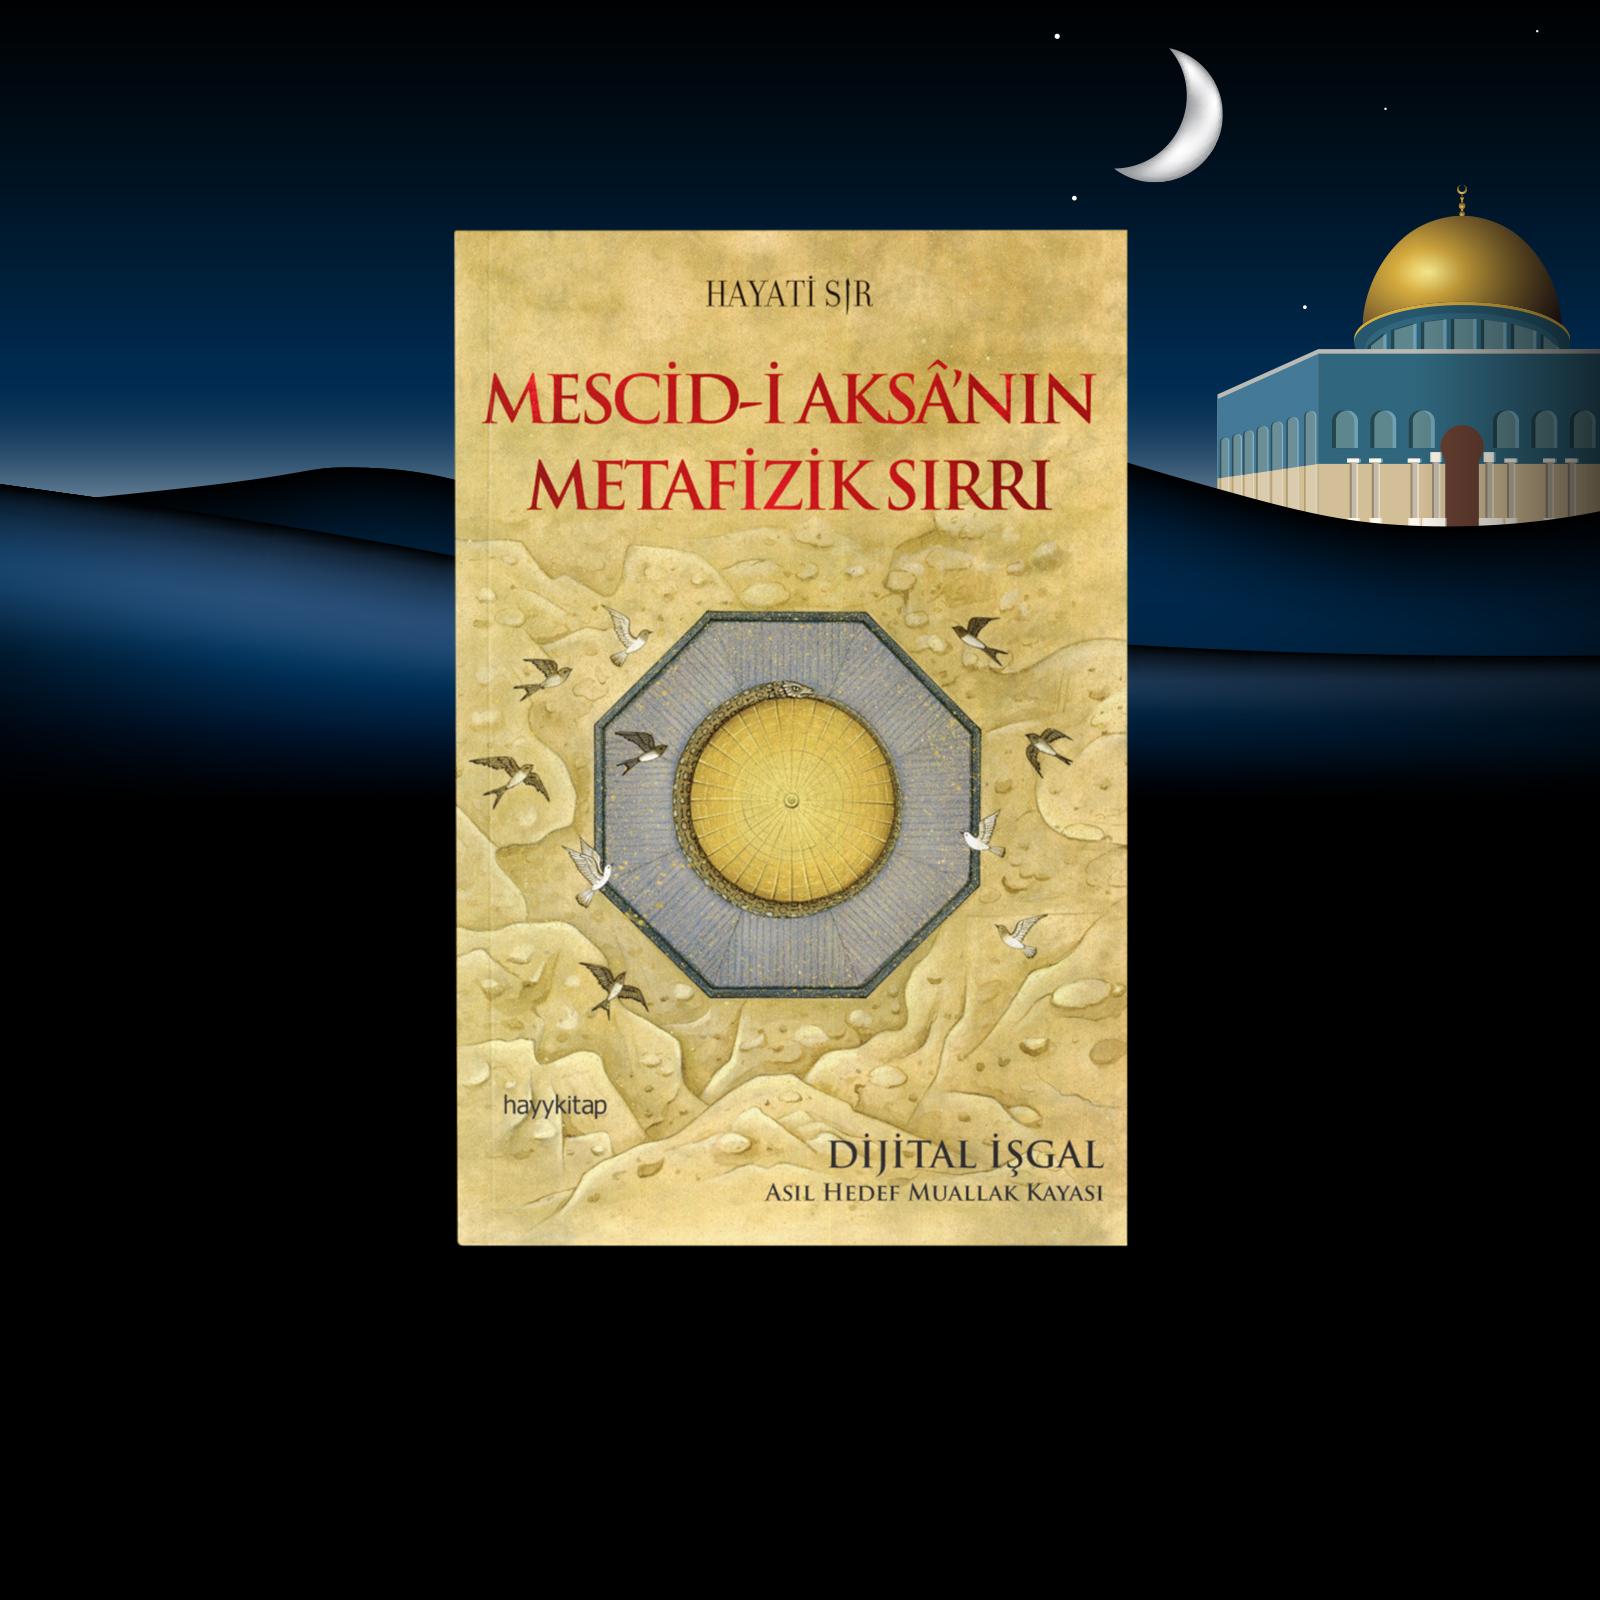 Mescid-i Aksâ'nın Metafizik Sırrı